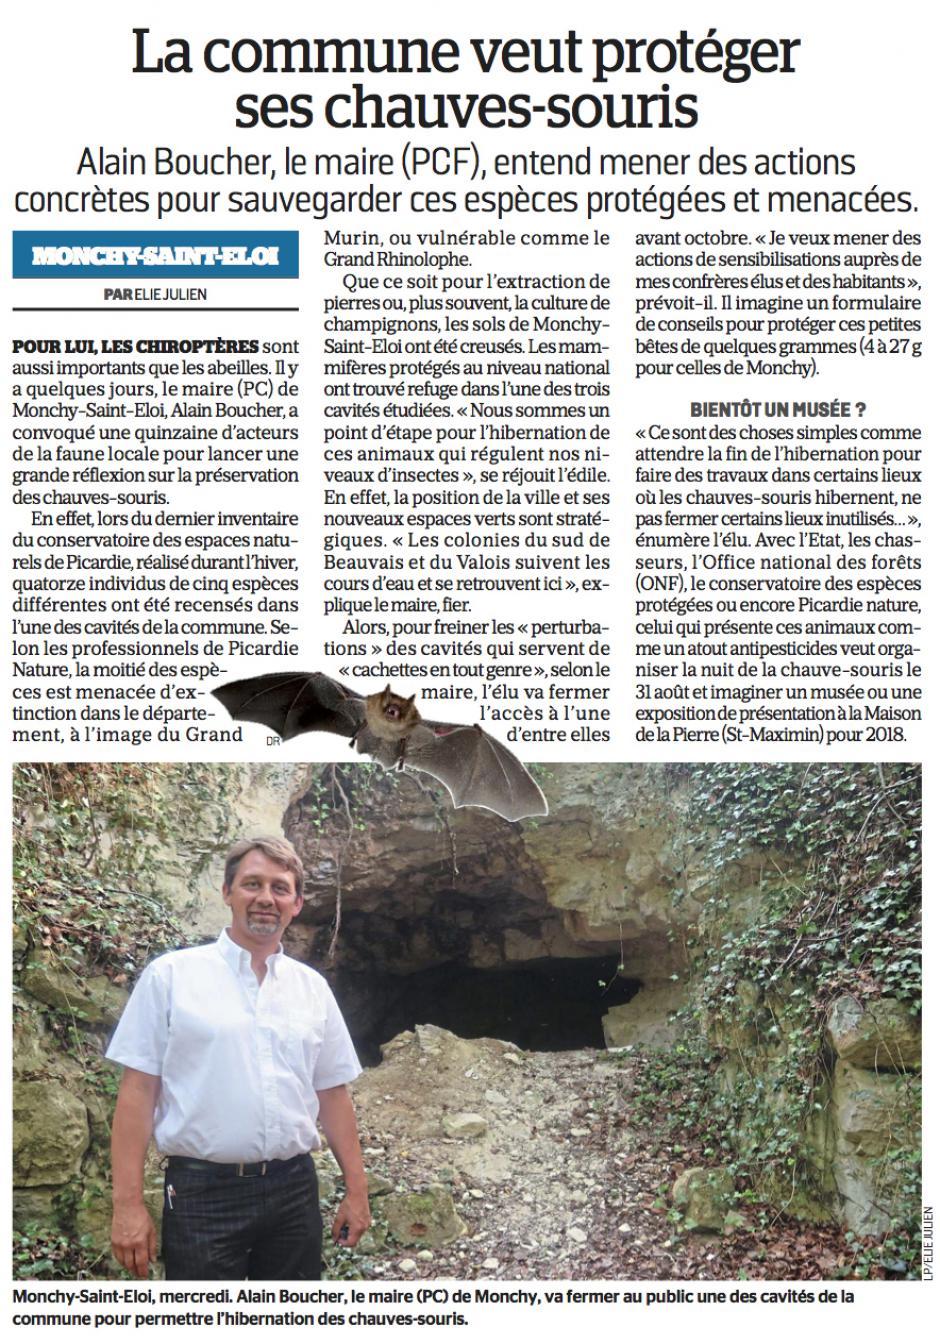 20170630-LeP-Monchy-Saint-Éloi-La commune veut protéger ses chauves-souris